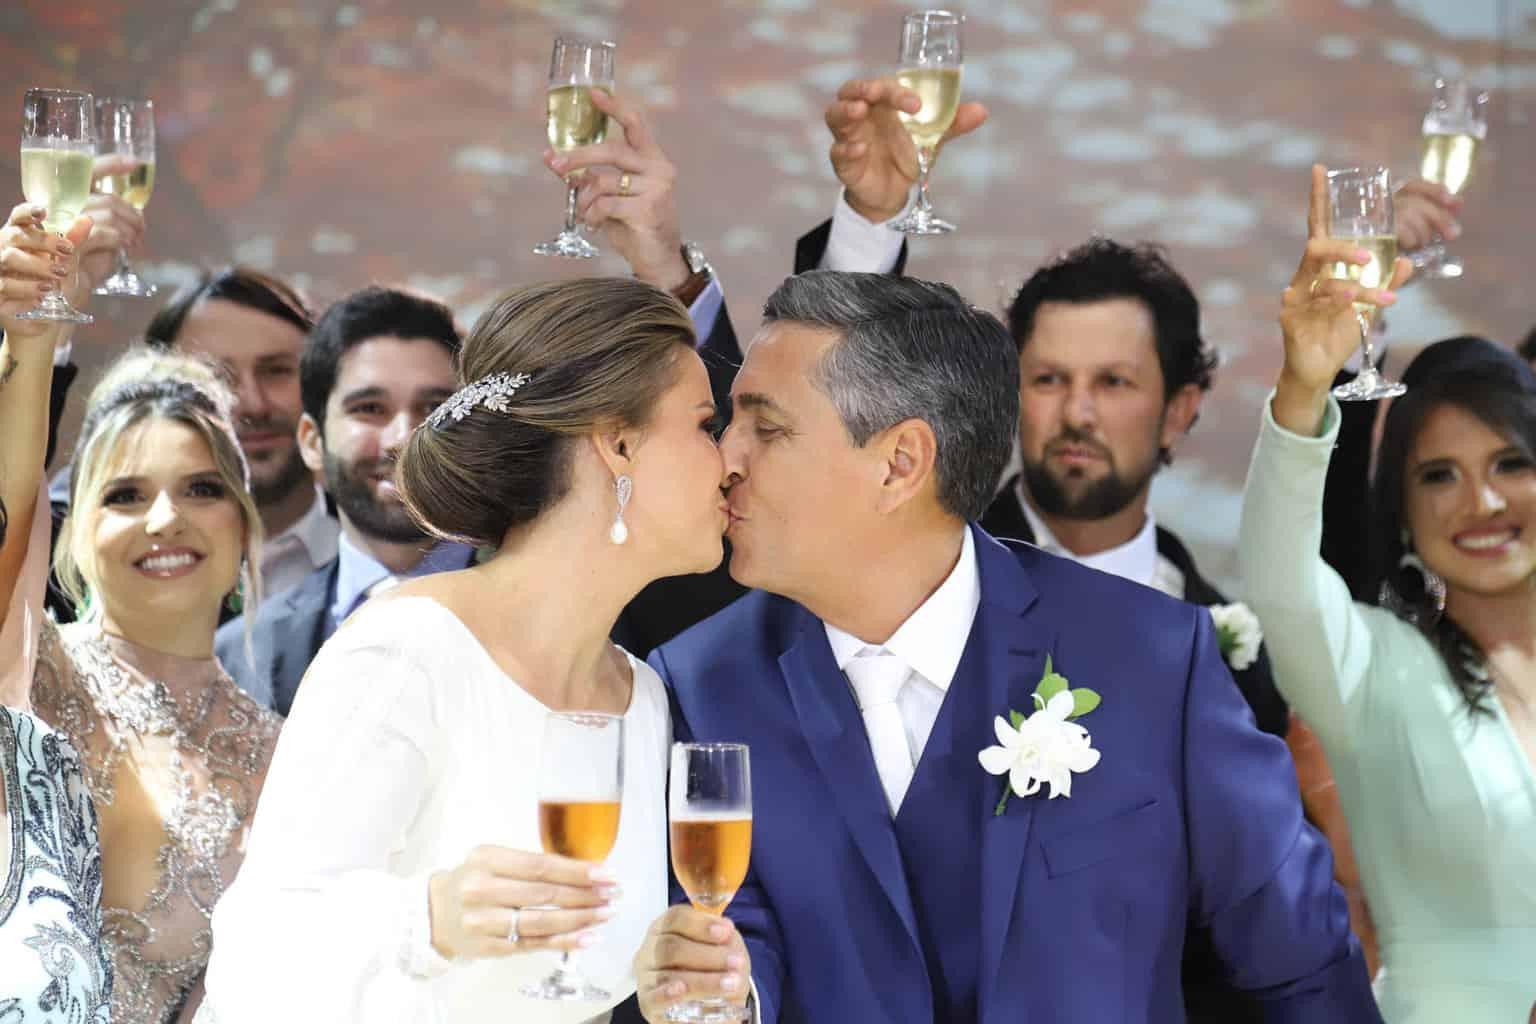 Casamento-Claudia-e-Afonso-Golden-Class-Regina-Aoki-Eurides-Aoki-Carol-Rezek-Renata-Velloso-45